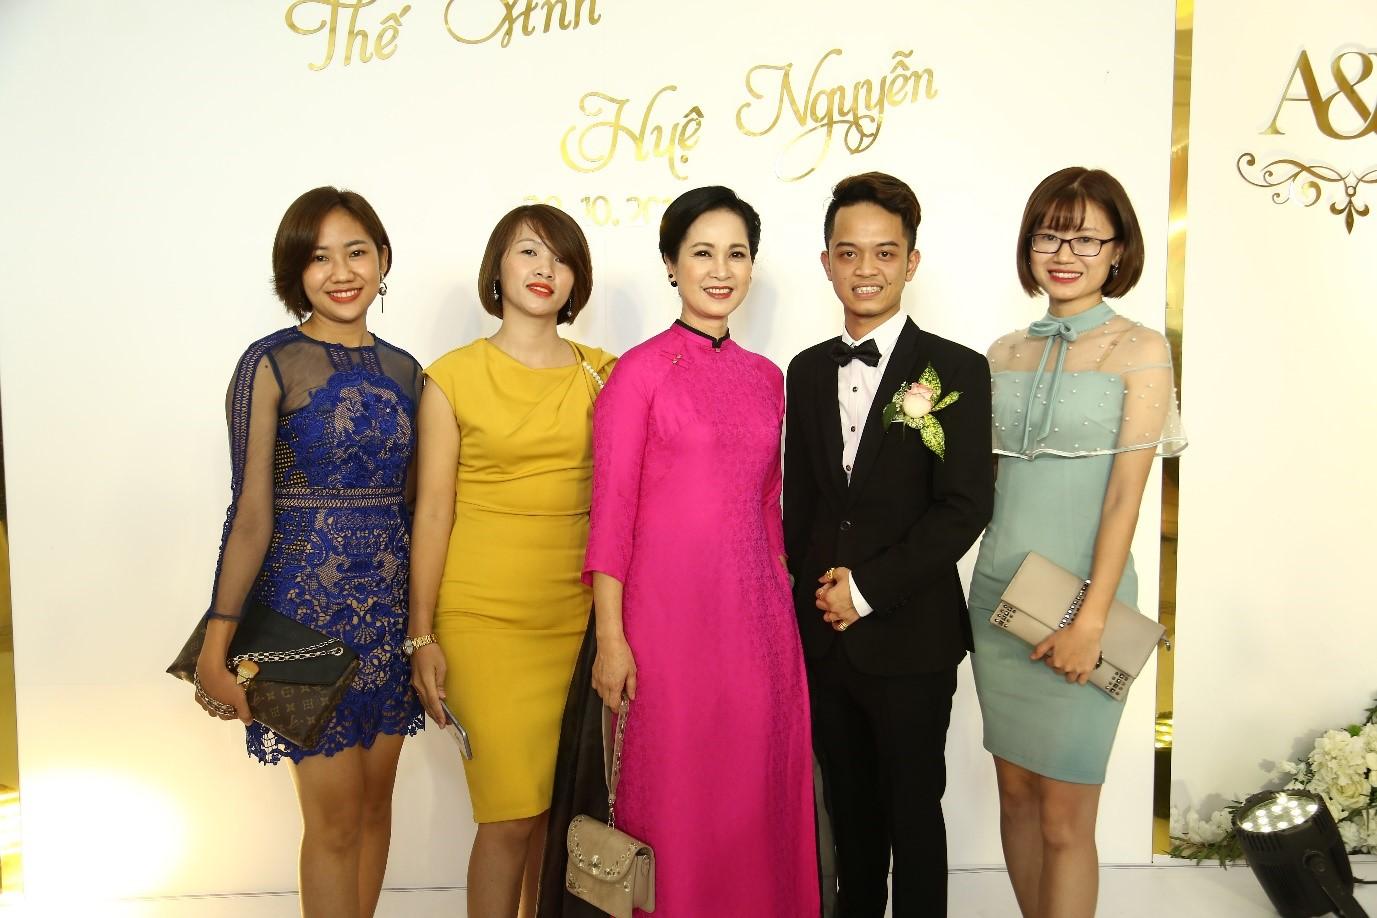 Truy tìm chủ nhân của chiếc váy 25.000 USD được cư dân chia sẻ trong suốt tuần vừa qua  - Ảnh 7